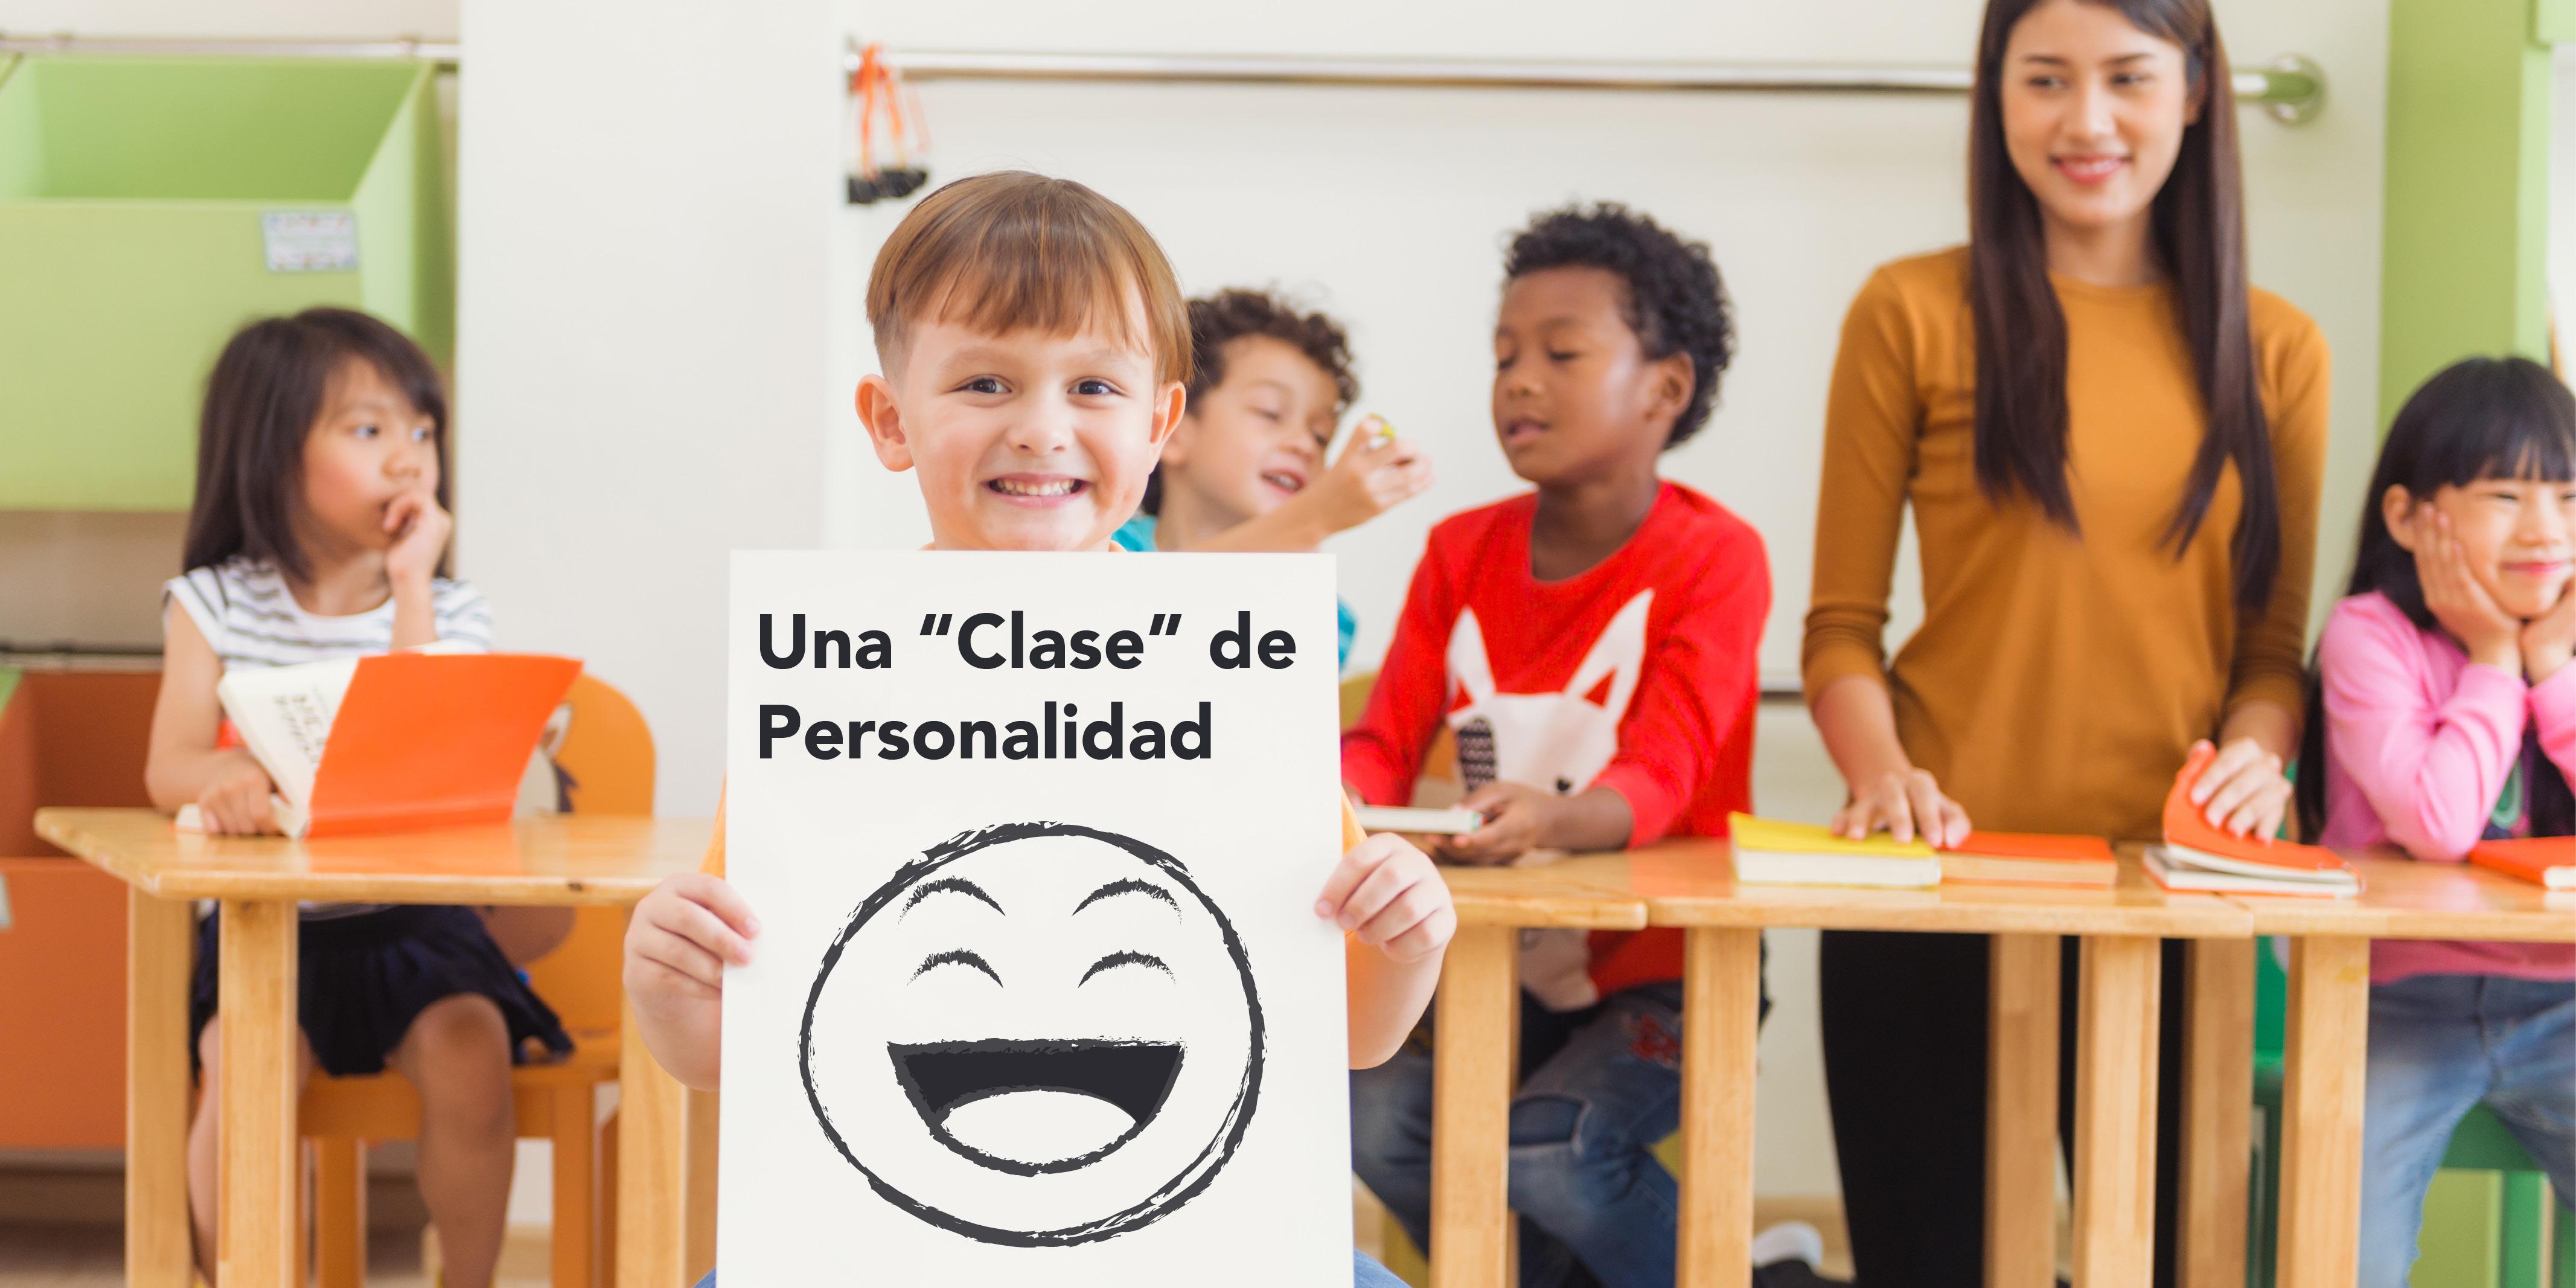 UnaClaseDePersonalidad_esp.jpg